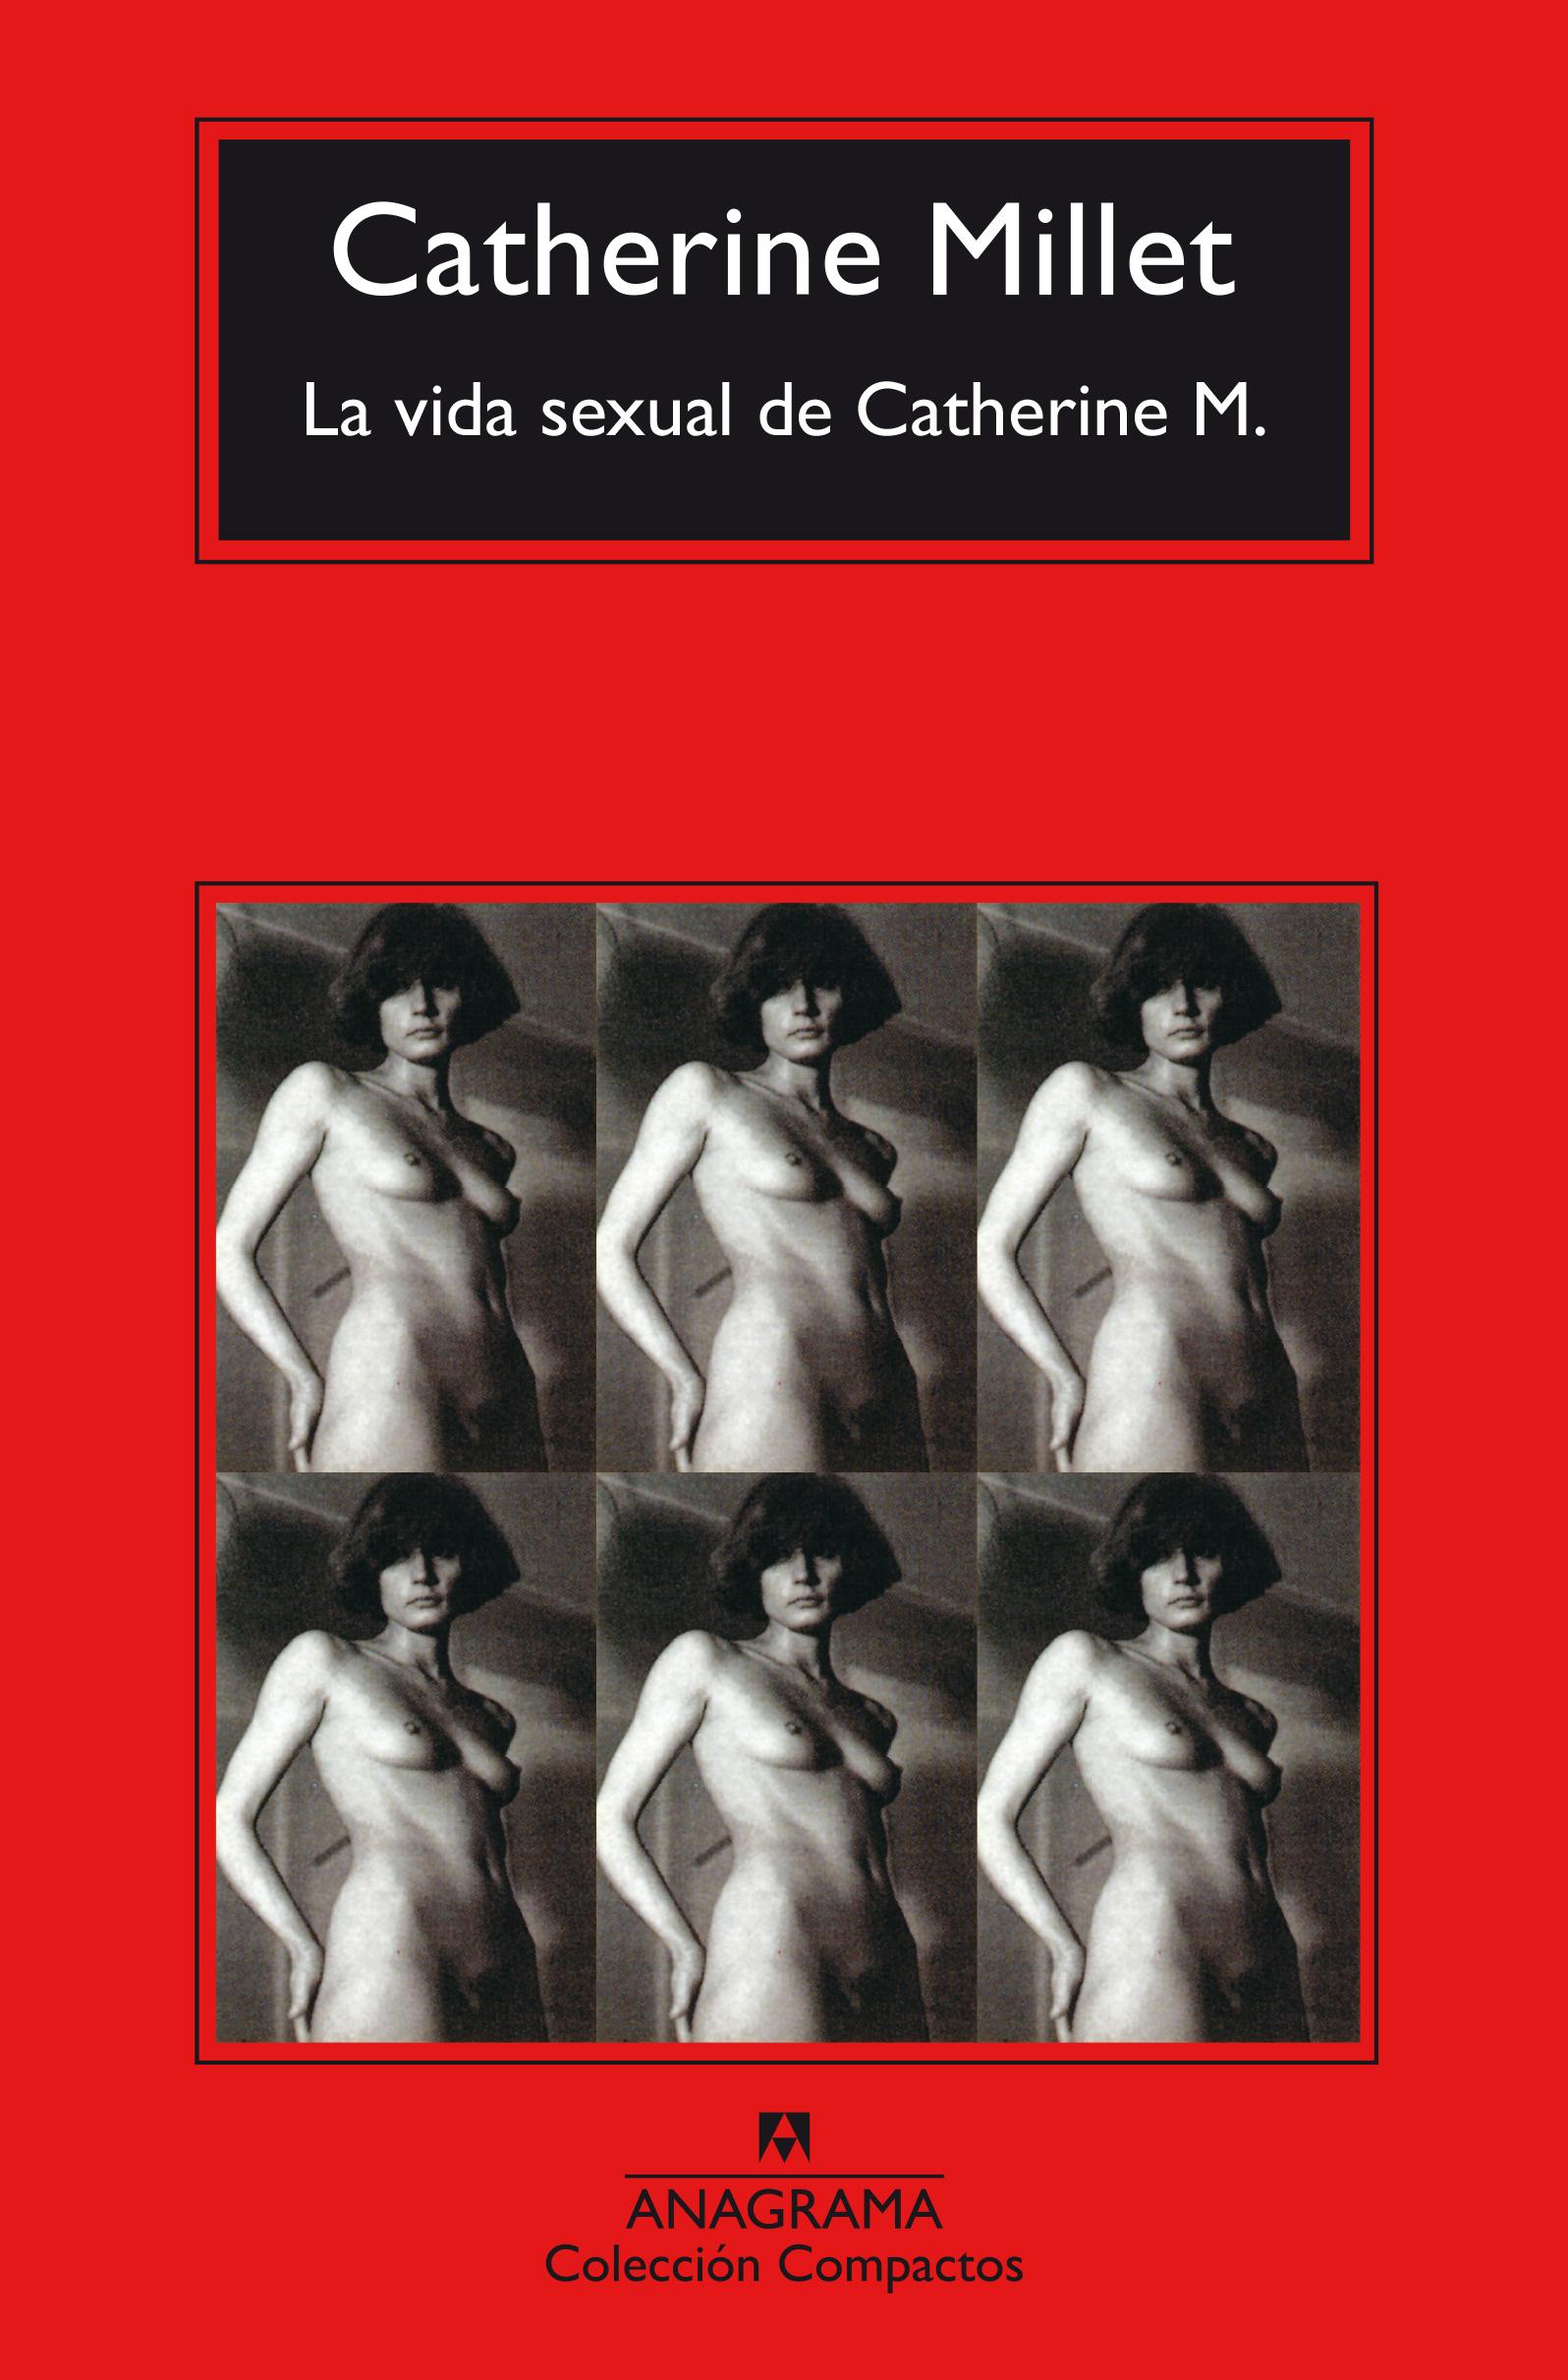 La vida sexual de Catherine M.indd